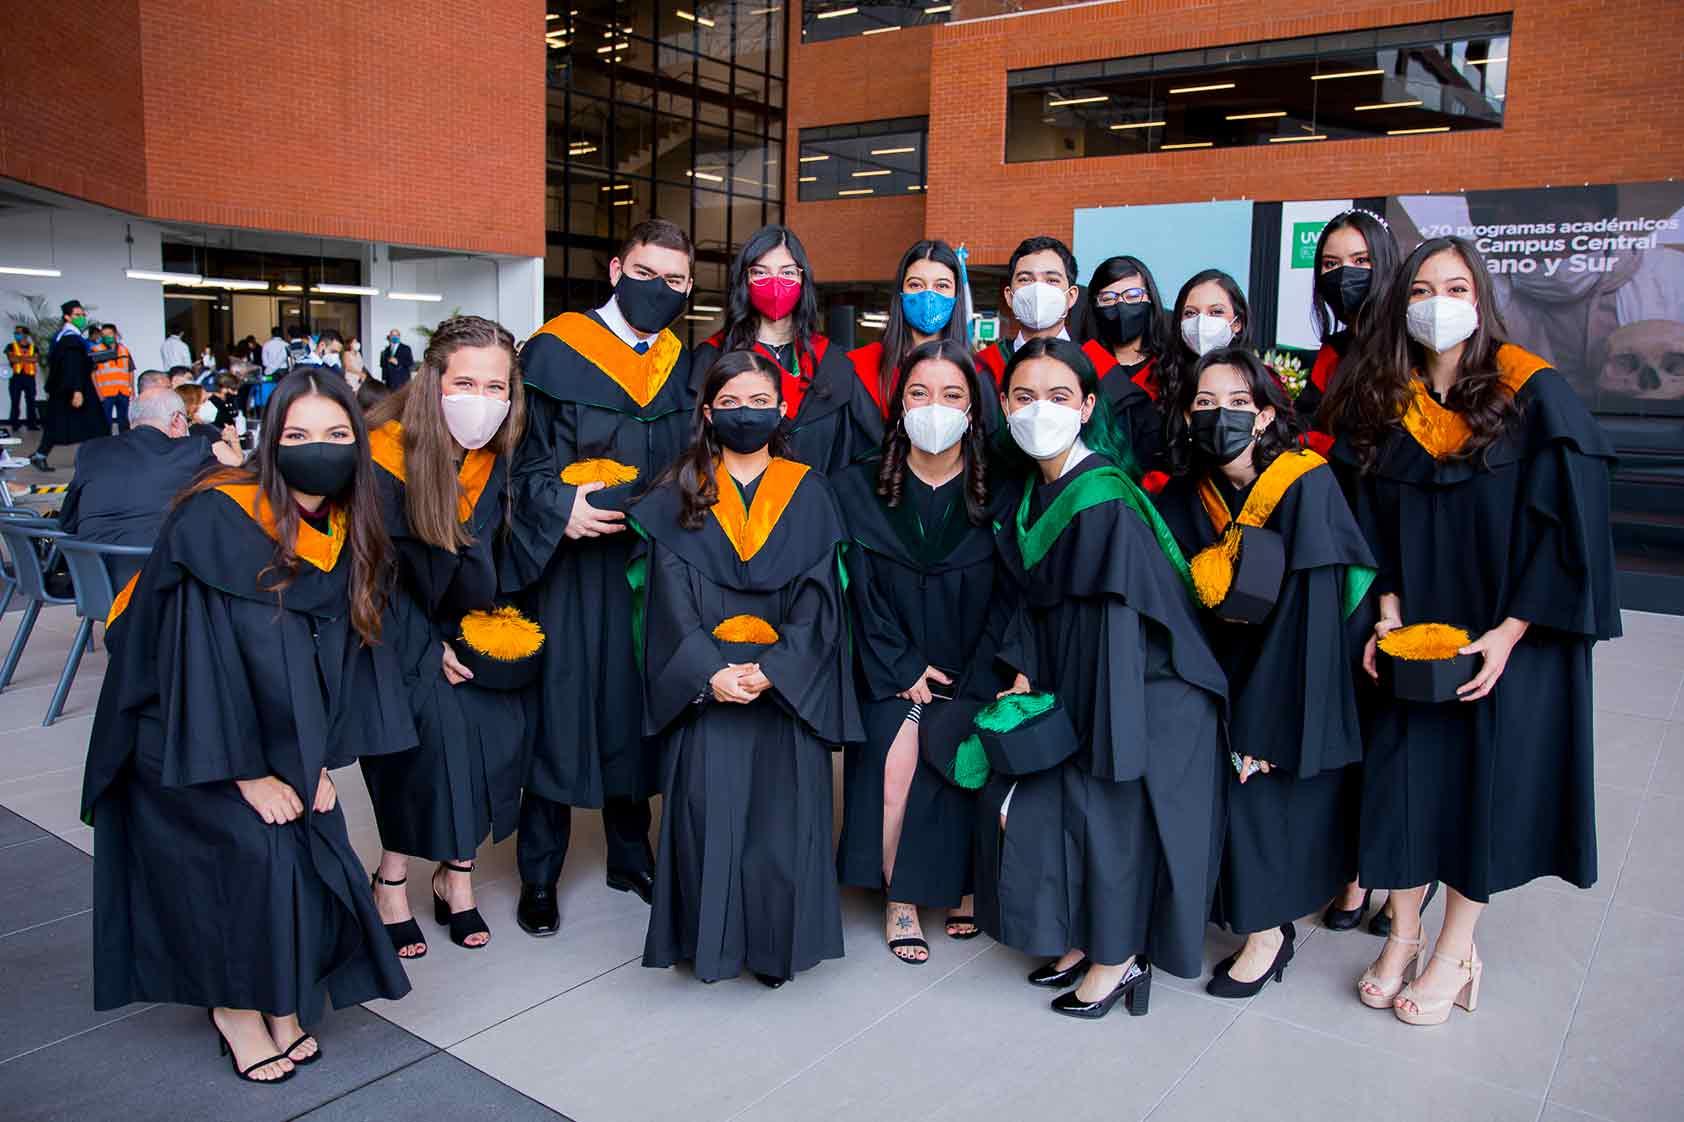 Egresados de UVG, después de mi graduación, ¿Cuál es mi siguiente paso?